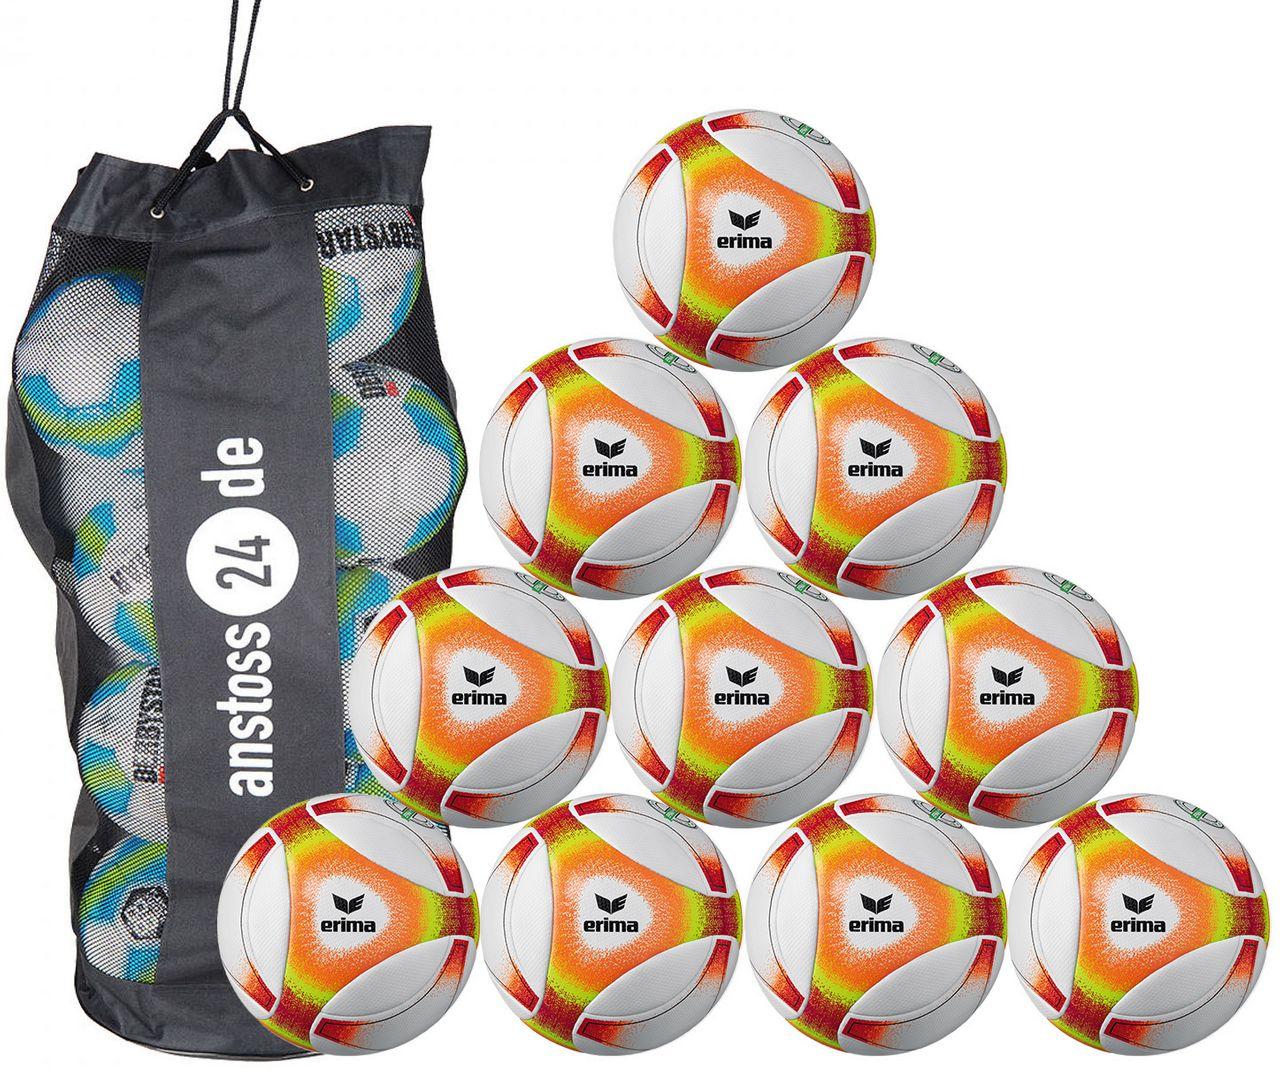 10 x erima Jugendball Futsal Hybrid JNR 310 (2019) inkl. Ballsack